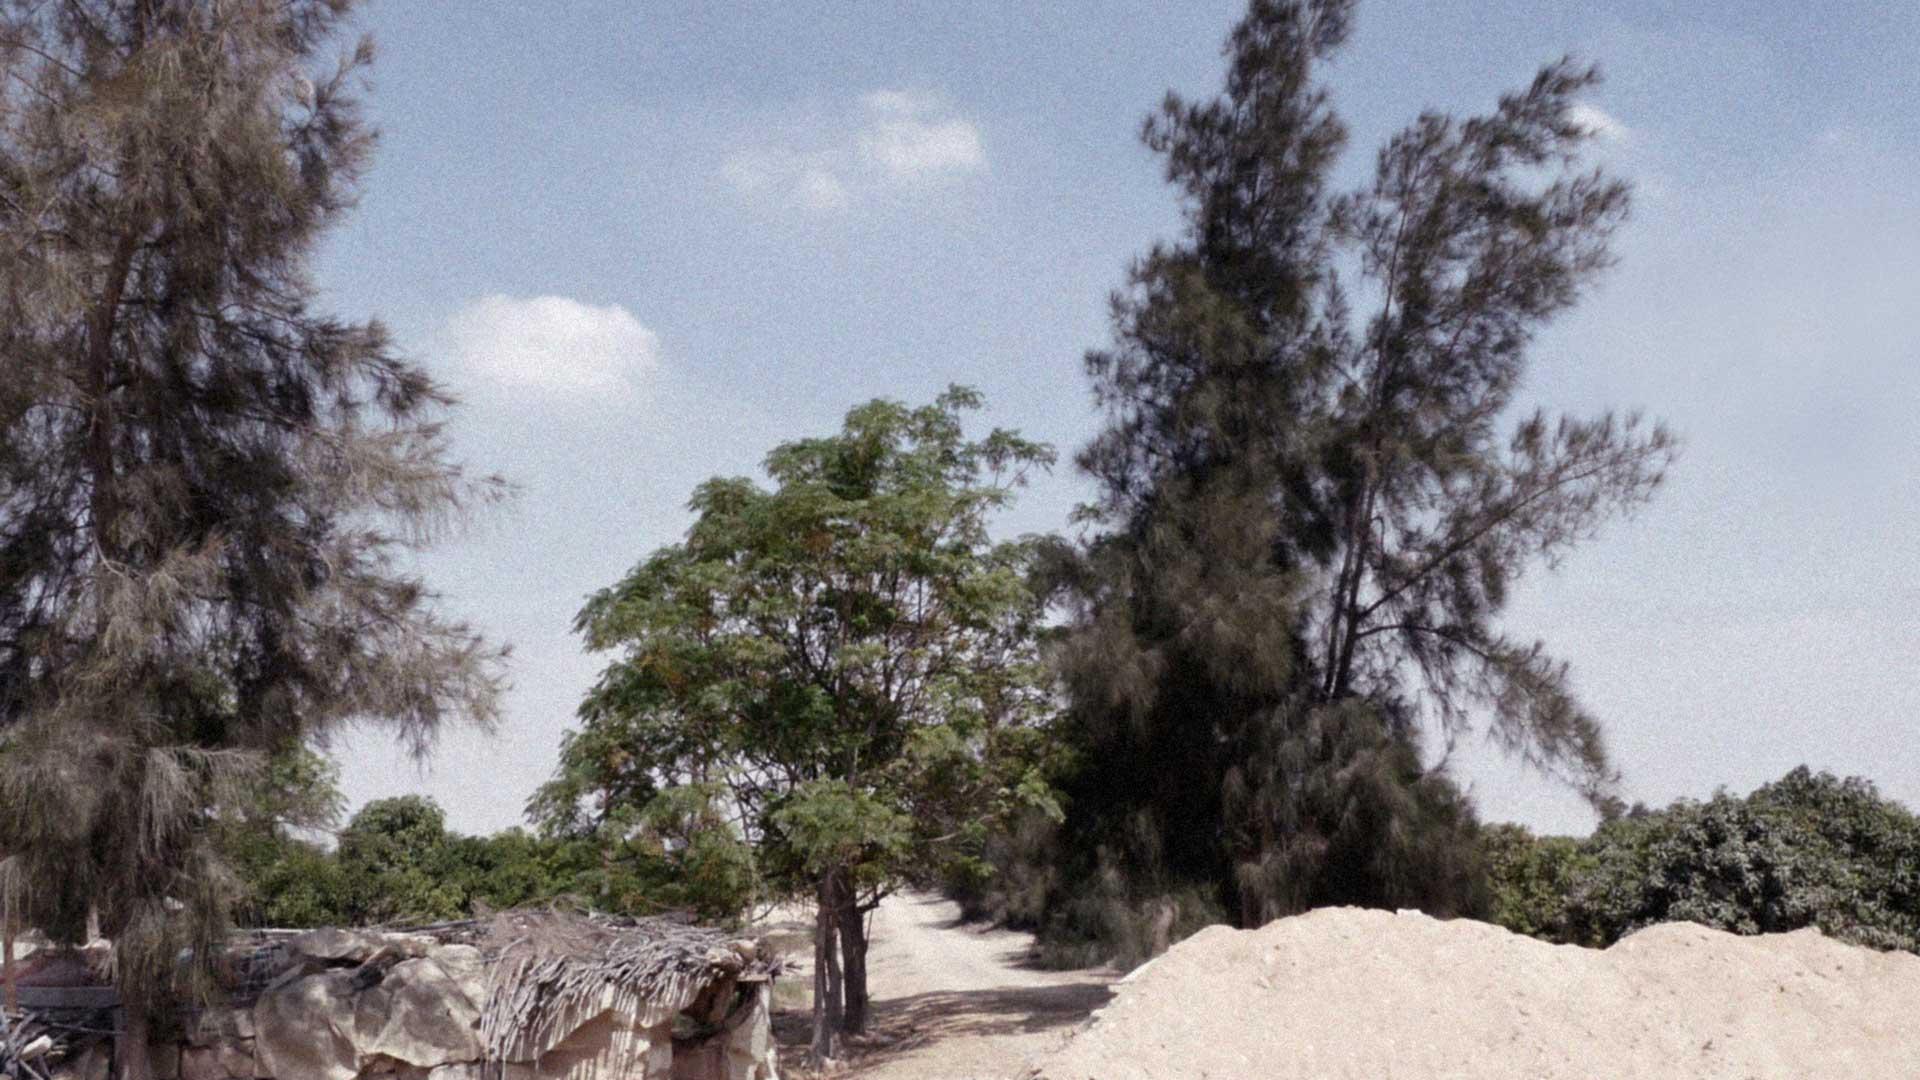 Weg zum Haus von Nagib bei Bir Hooker, Ägypten.